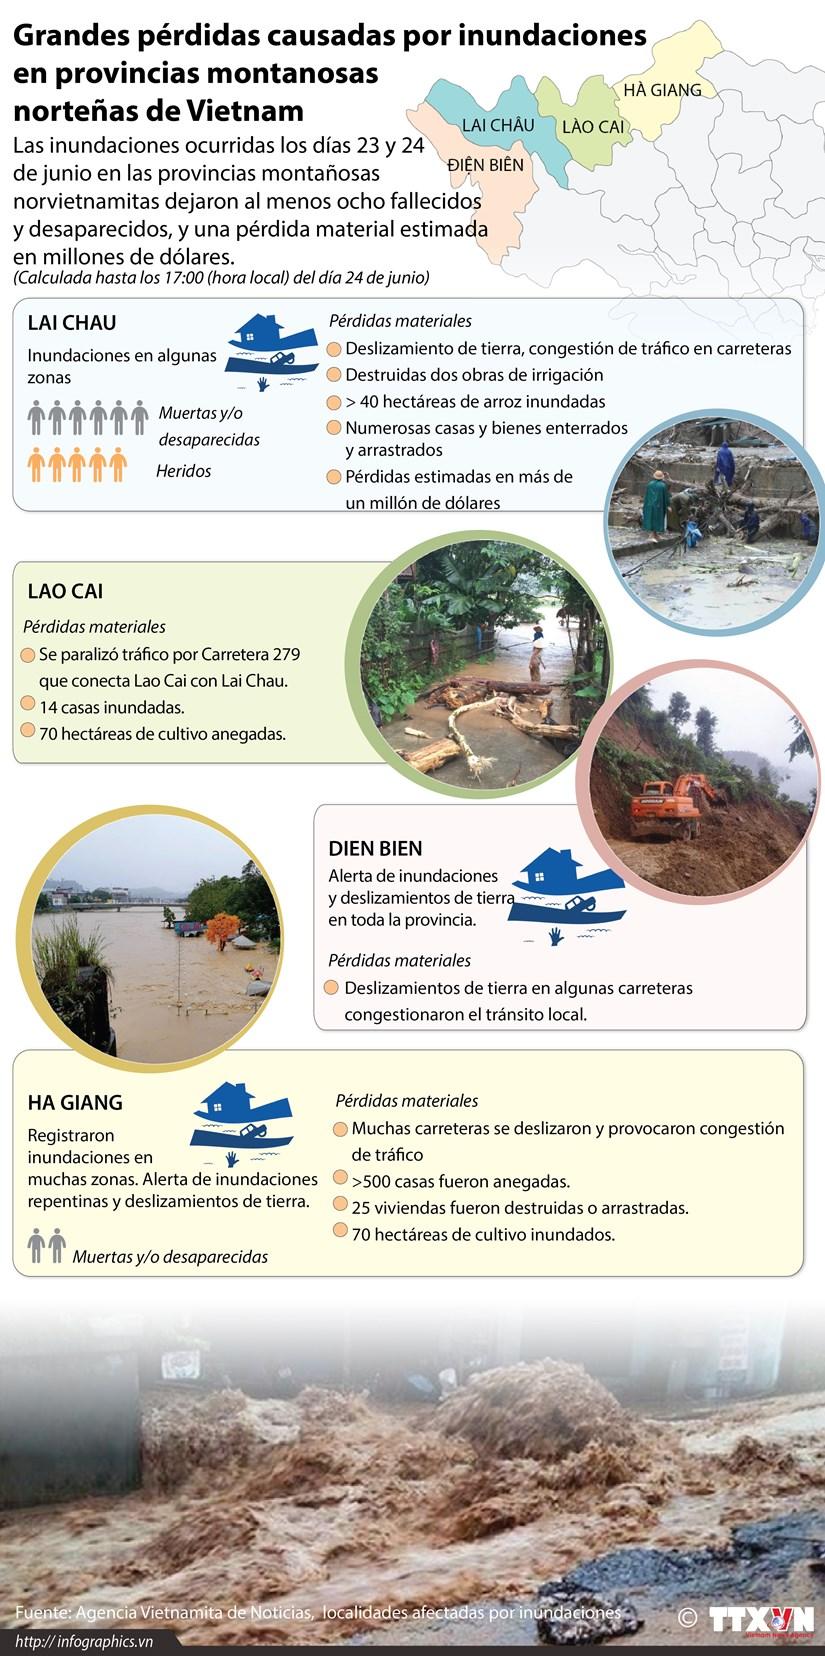 [Infografia] Grandes perdidas causadas por inundaciones en Vietnam hinh anh 1